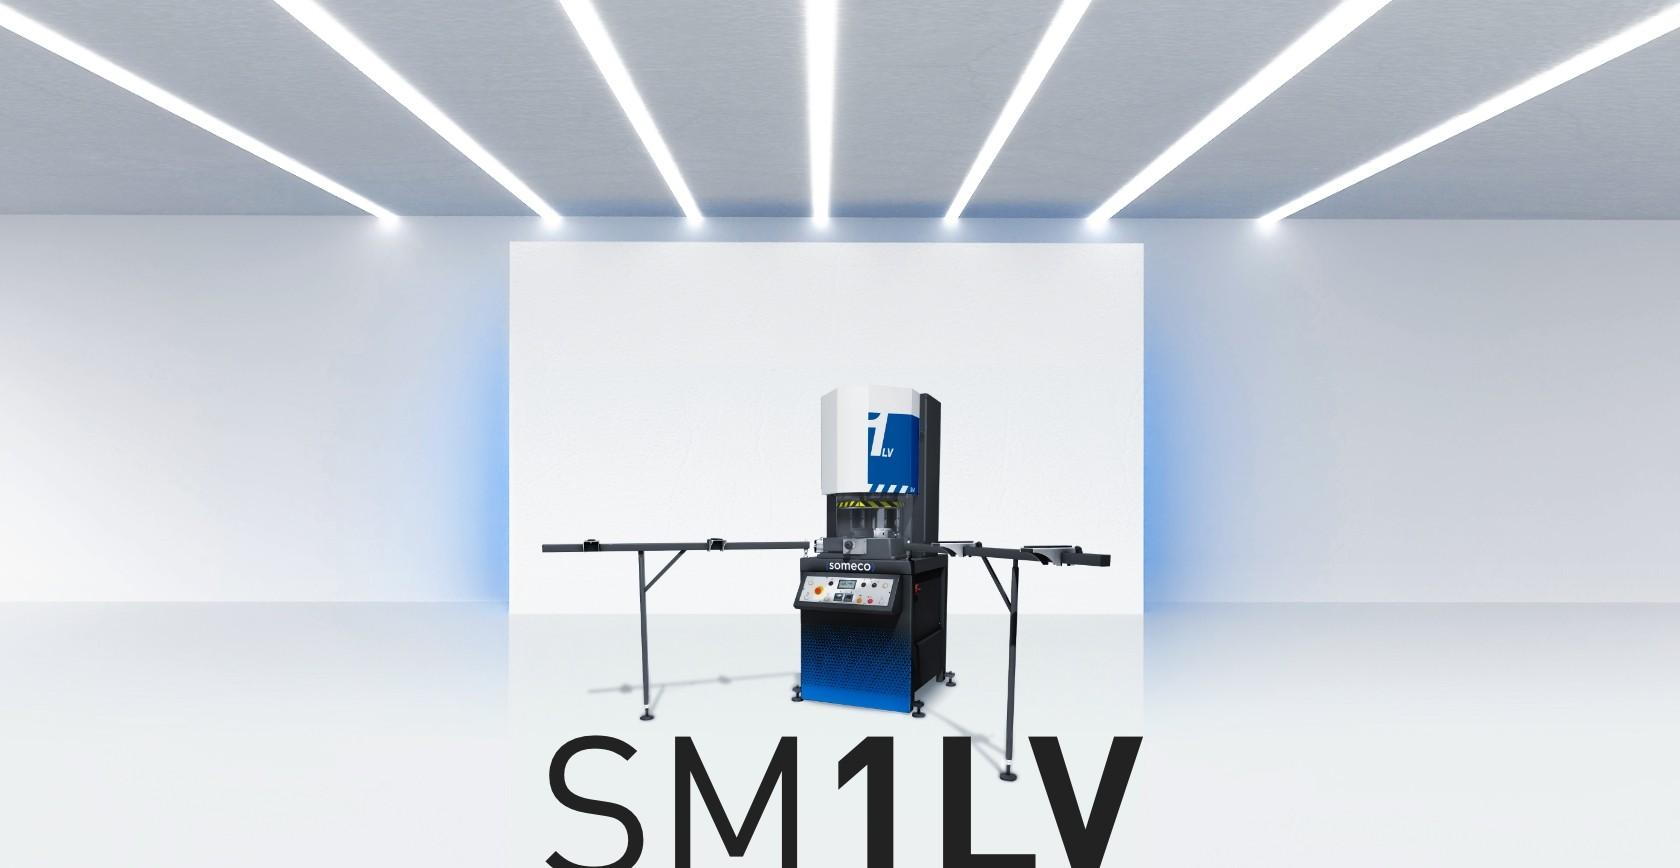 Someco SM 1LV